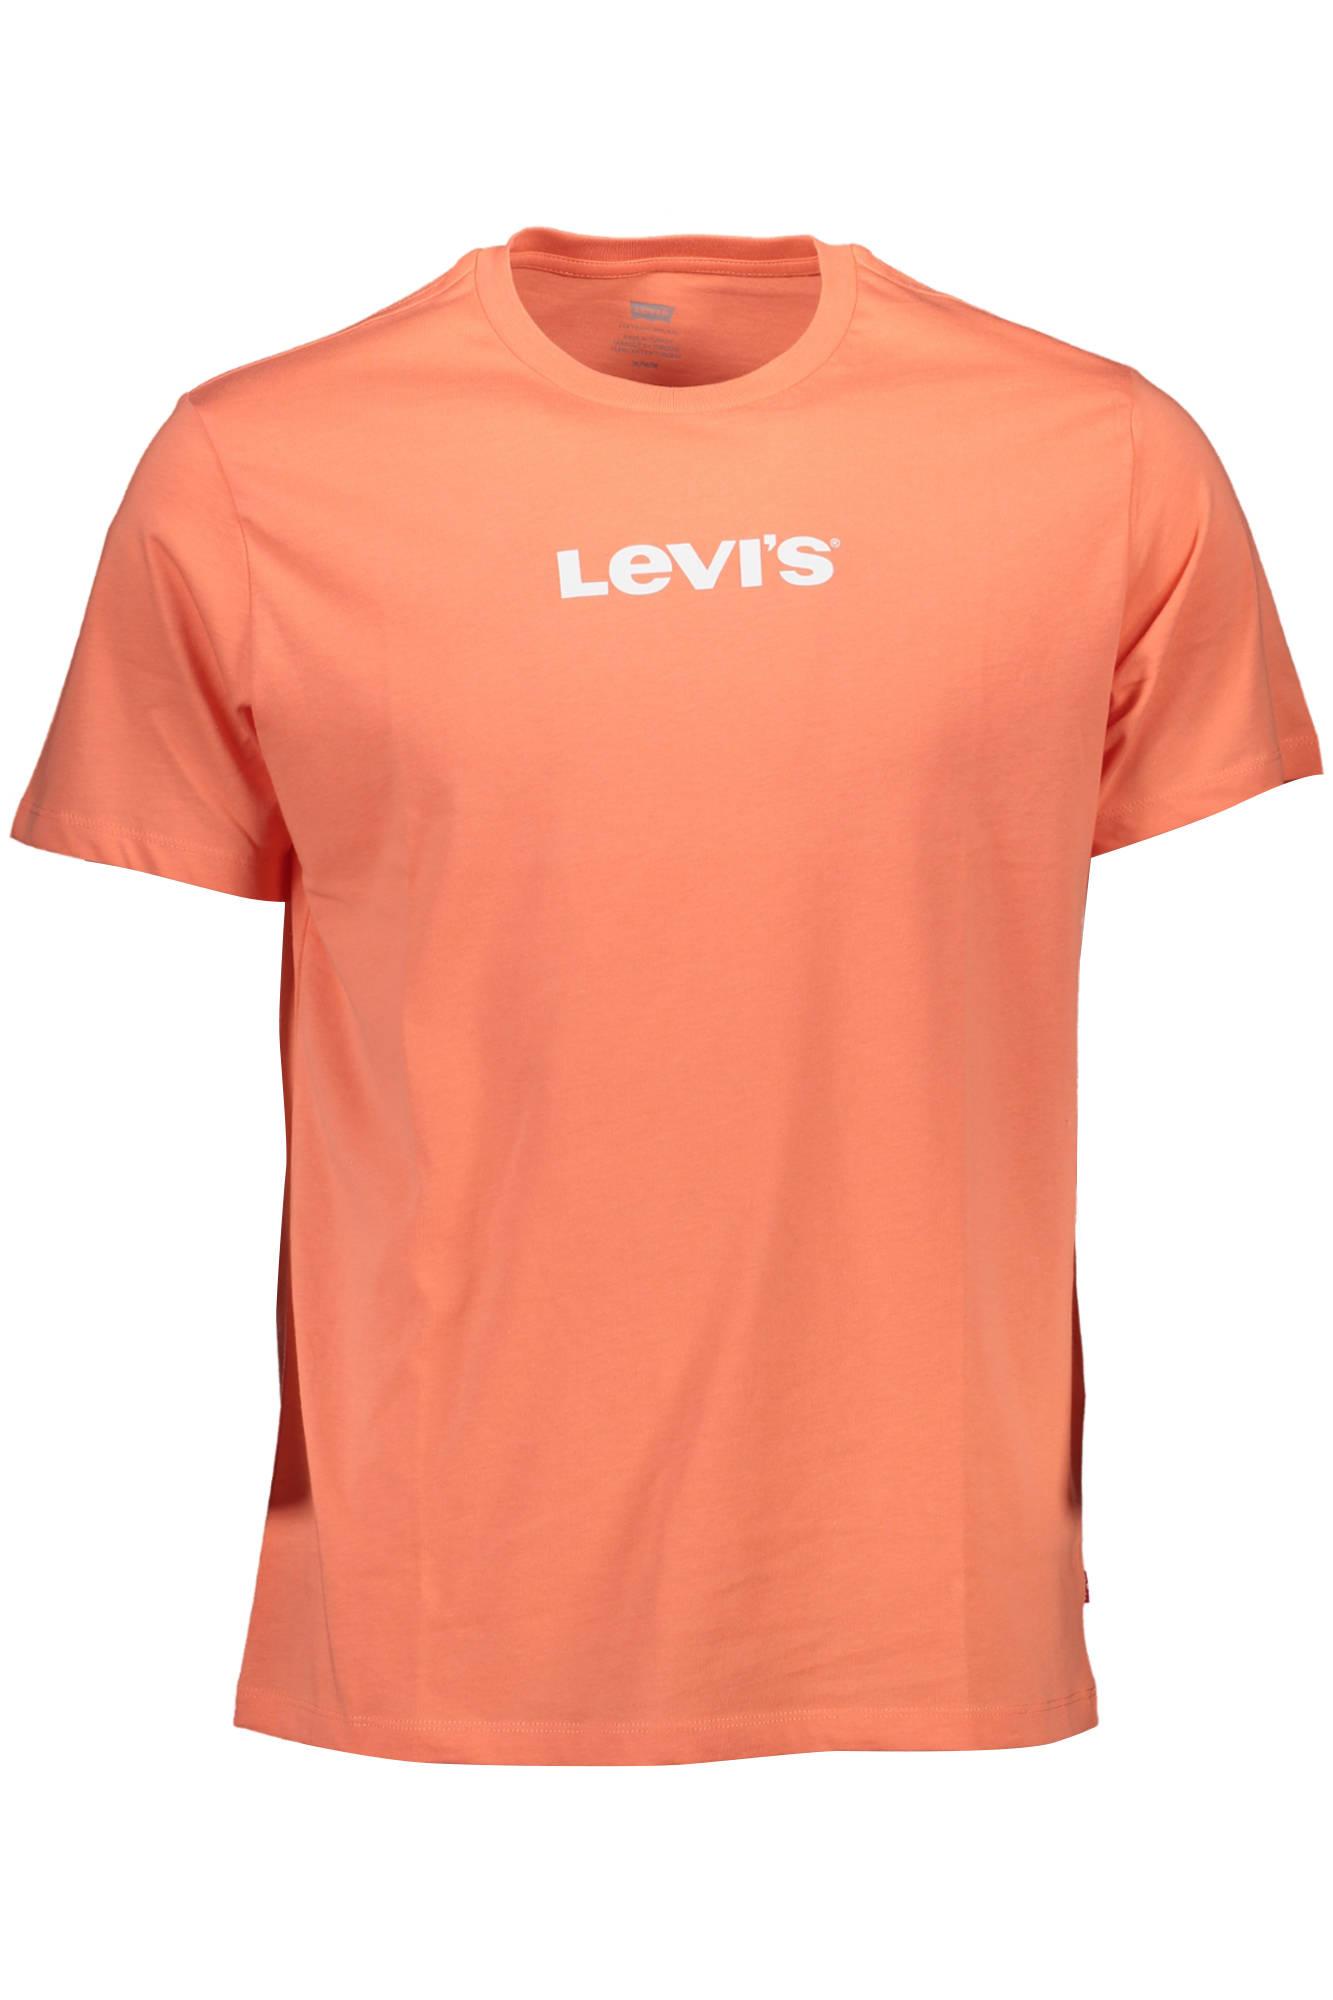 Tričko LEVI'S tričko s krátkým rukávem ROSA